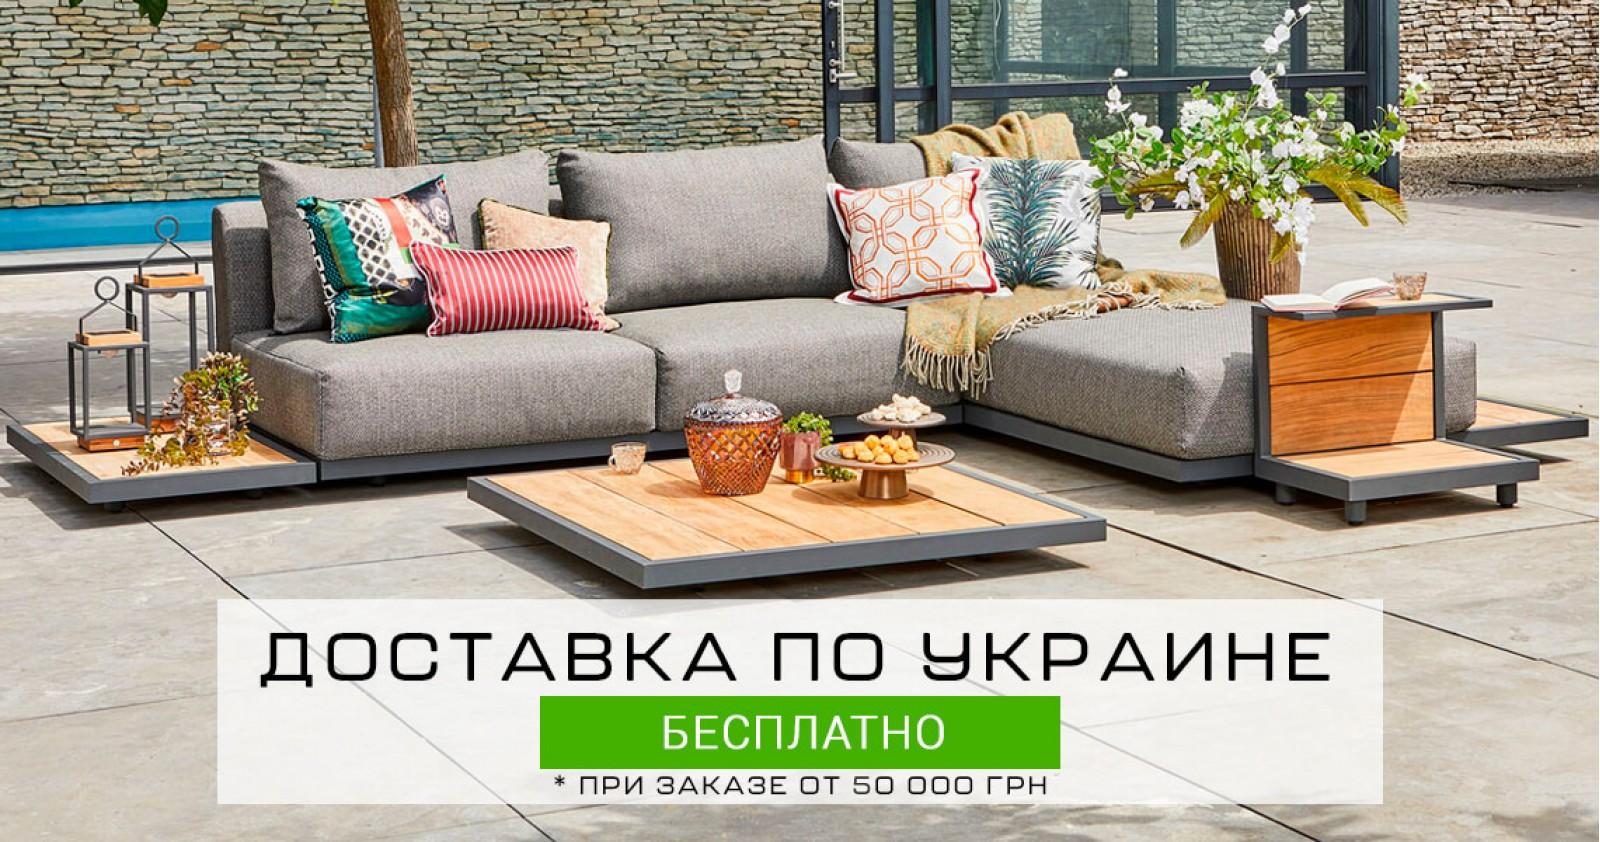 Садовая мебель с доставкой по Украине | Kolibry Luxury Outdoor